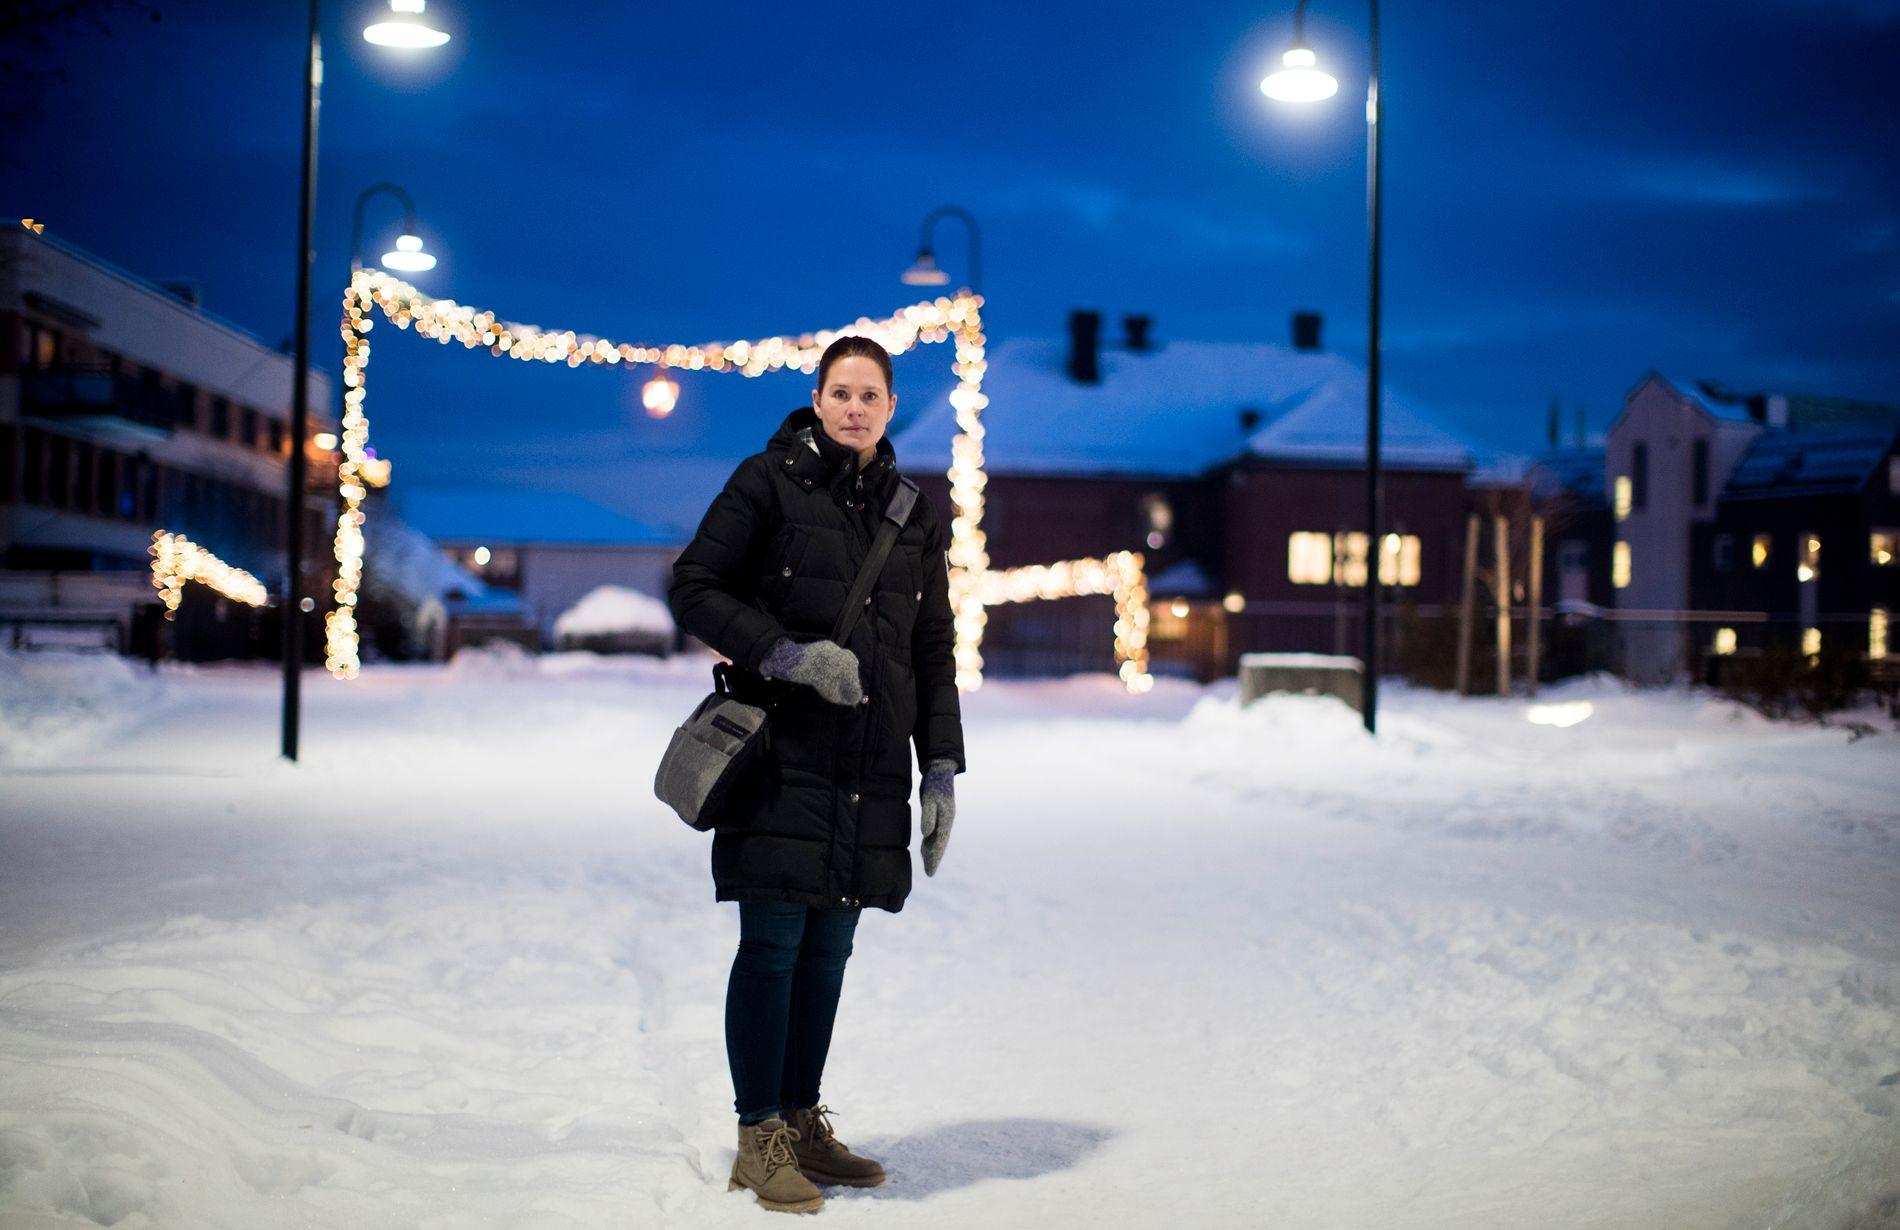 PÅ HJEMTUR: Mette Manstad (41) går over Brumund bro på vei hjem fra jobb. Der er Janne-forsvinningen et gjentakende samtaletema.